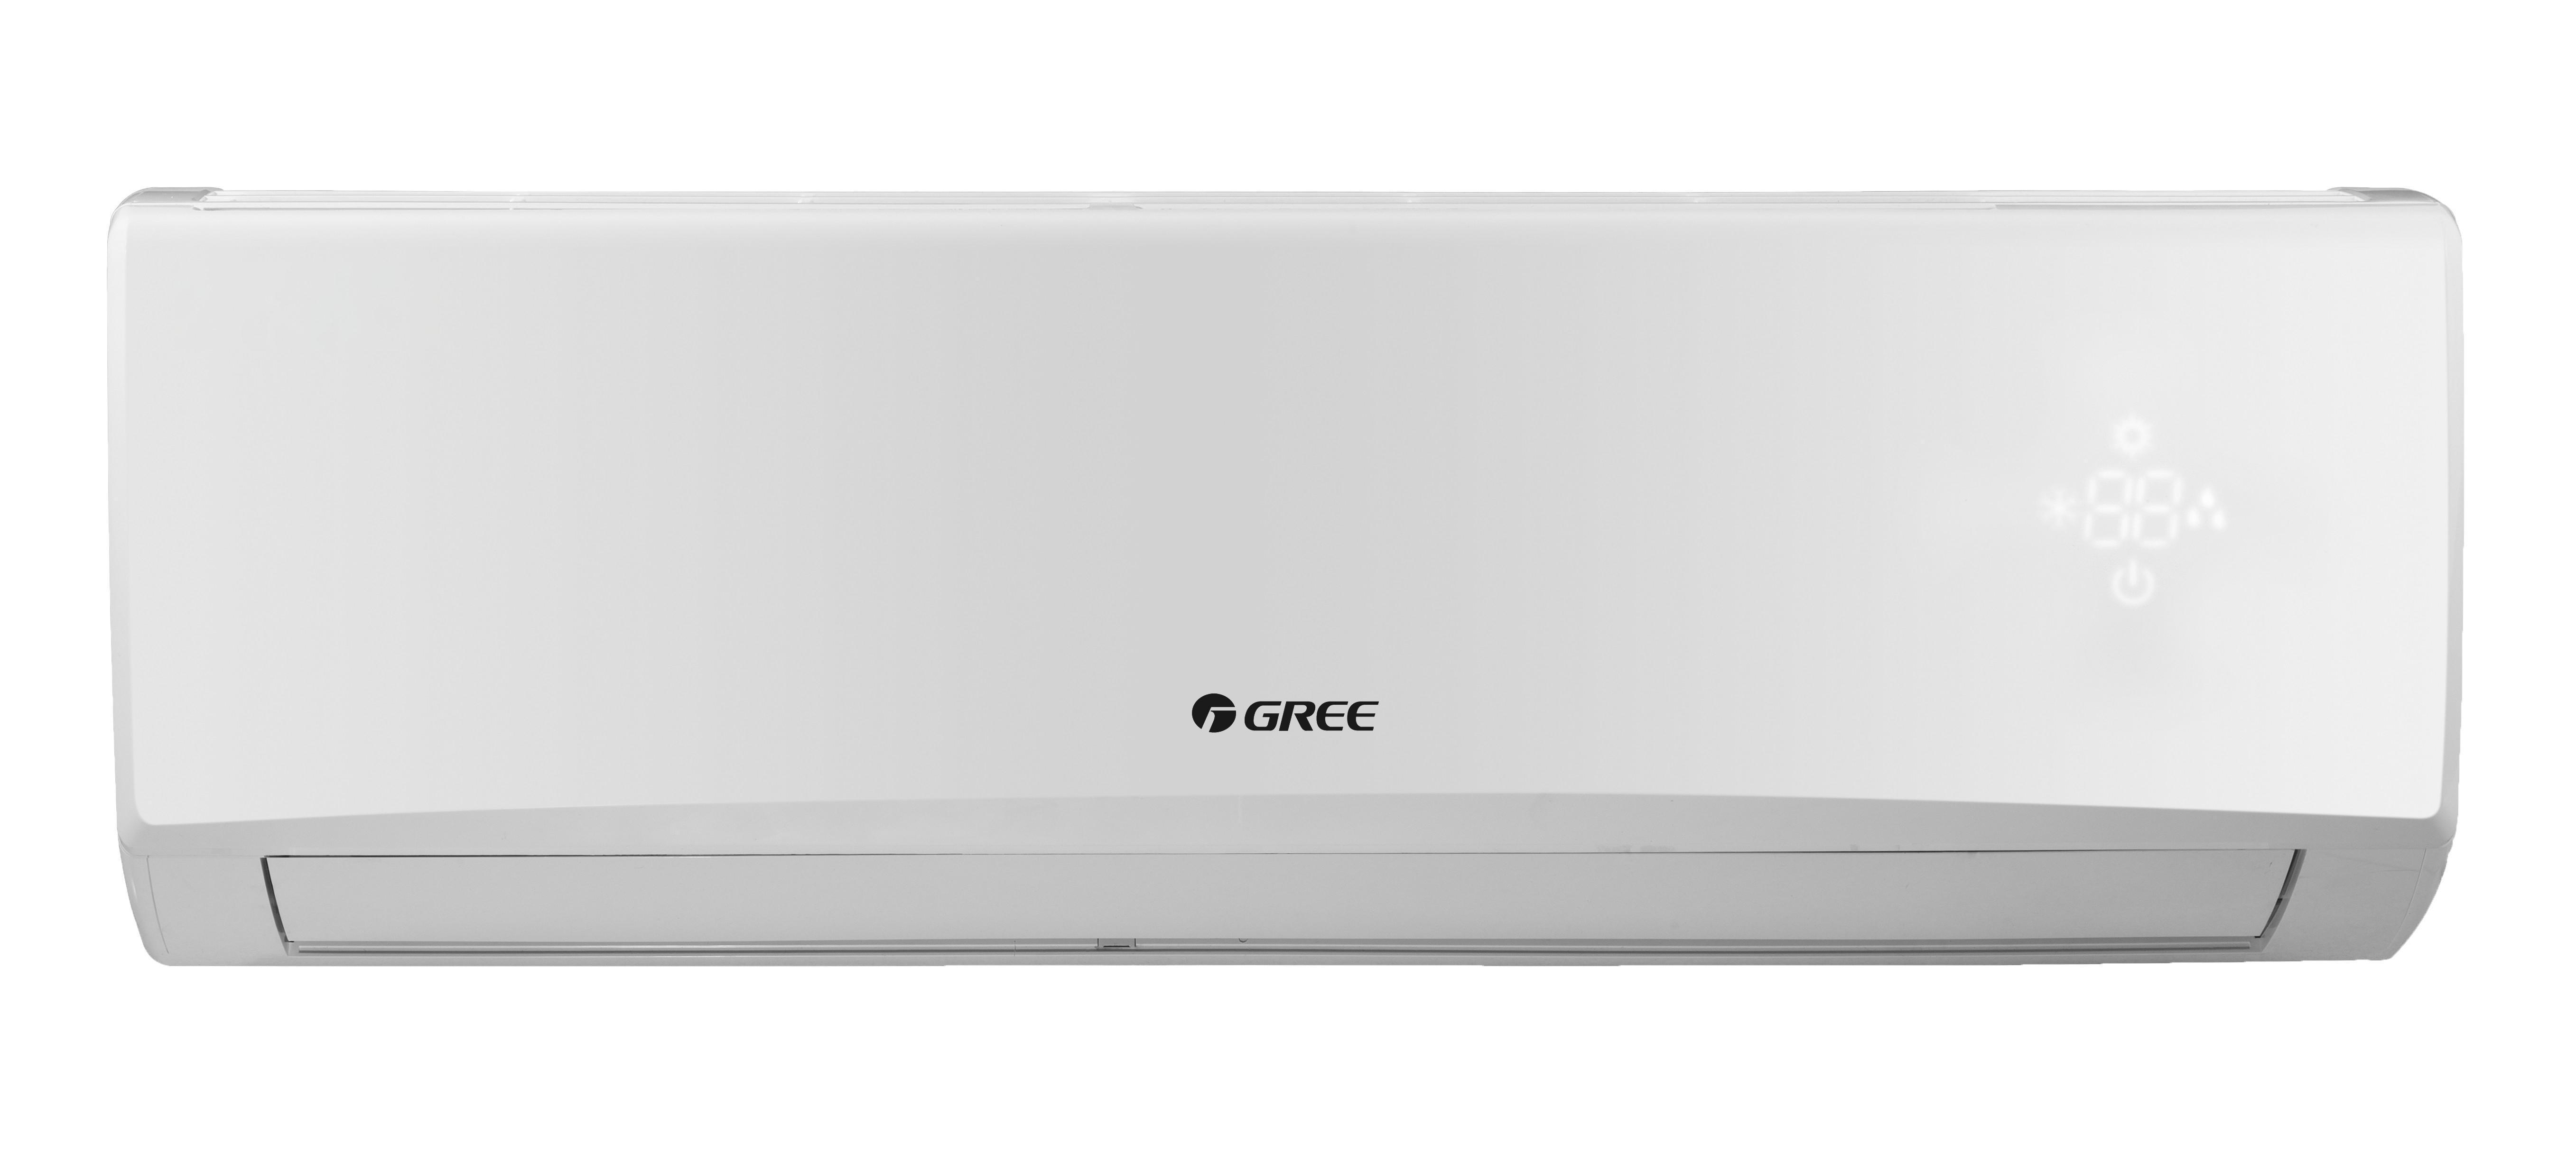 Điều hòa Gree - công nghệ Real Cool - 1 HP (9000 BTU) - KOOL GWC09KB-K6N0C4 (Trắng) Giao Hàng HN&HCM